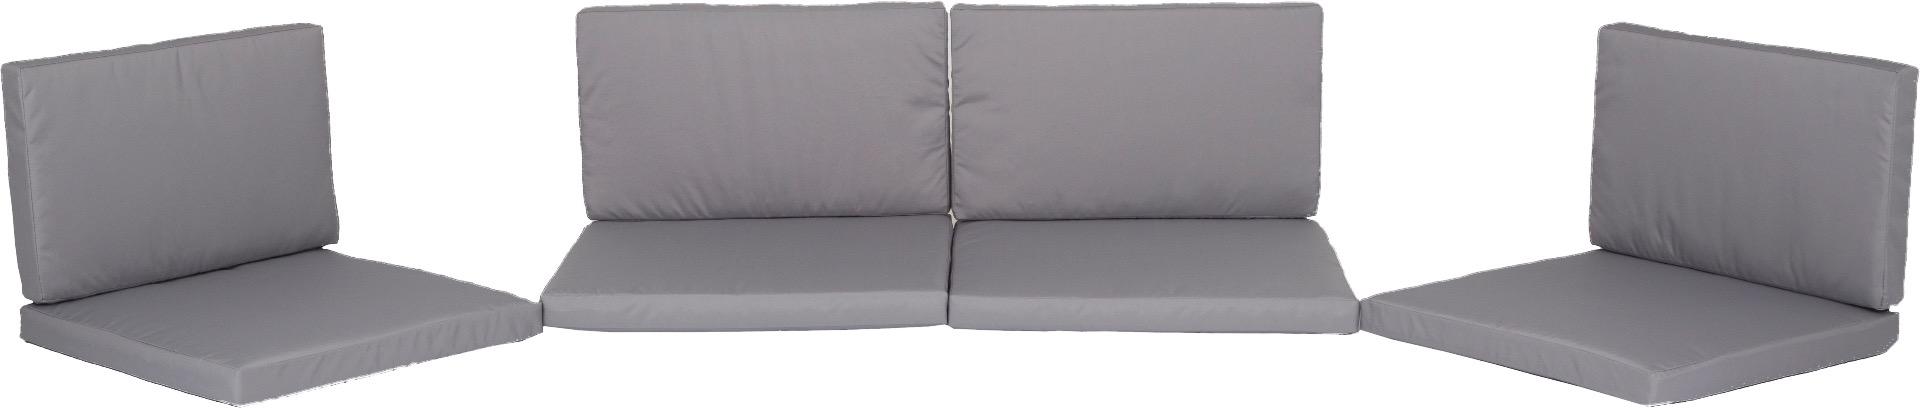 Ersatzkissen Set Lounge Gruppen Monaco in beige 100% Polyester